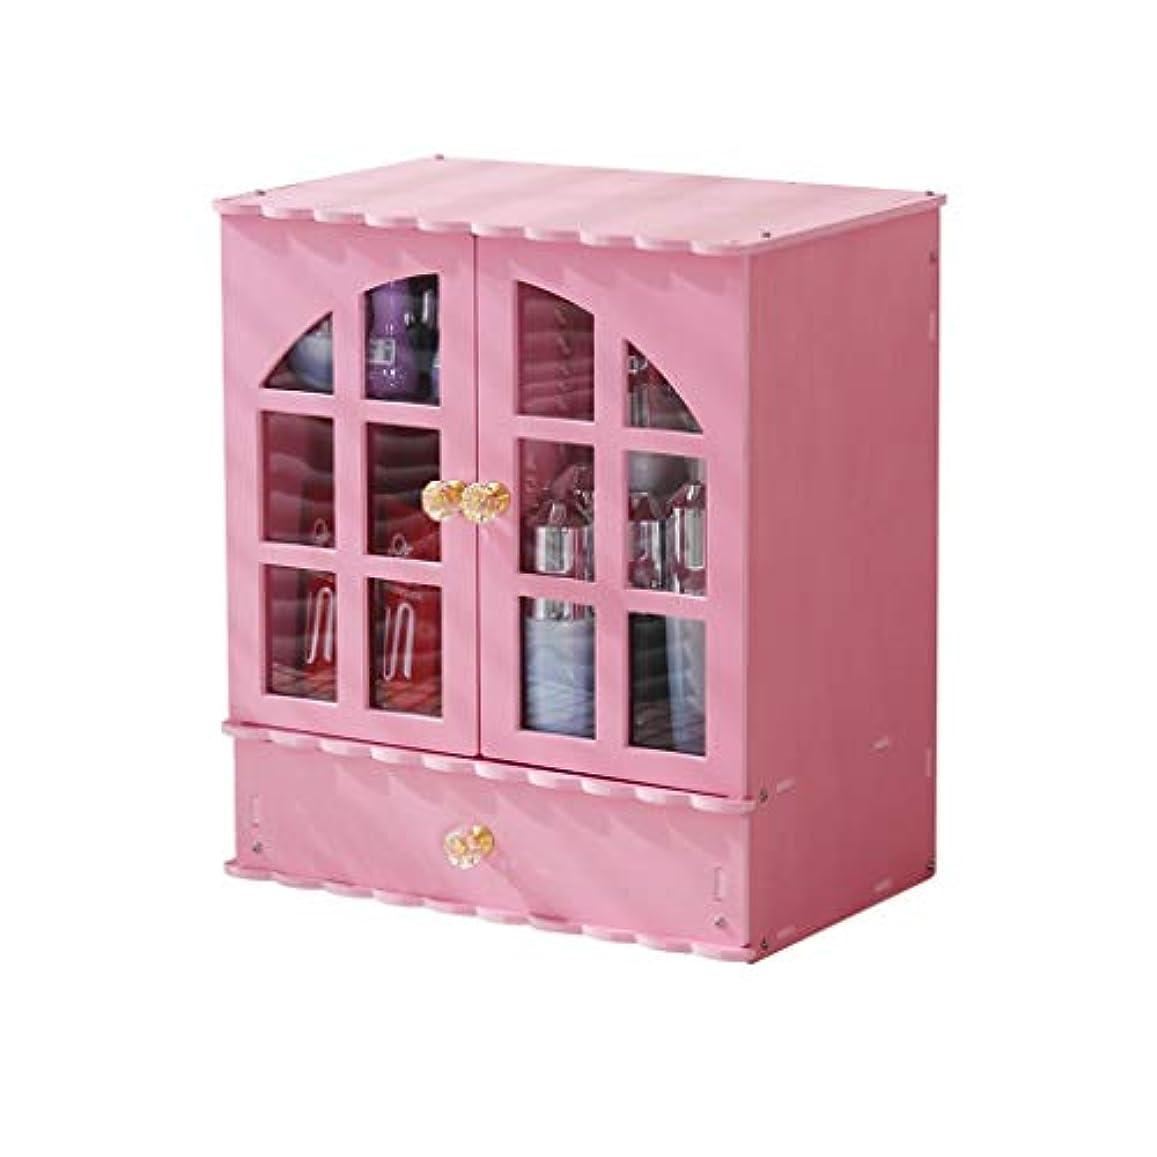 運ぶ額ネブデスクトップ化粧品スキンケア収納ボックスプラスチック収納キャビネットラックかわいい家庭用ドレッシングテーブル化粧箱 (Color : Pink)